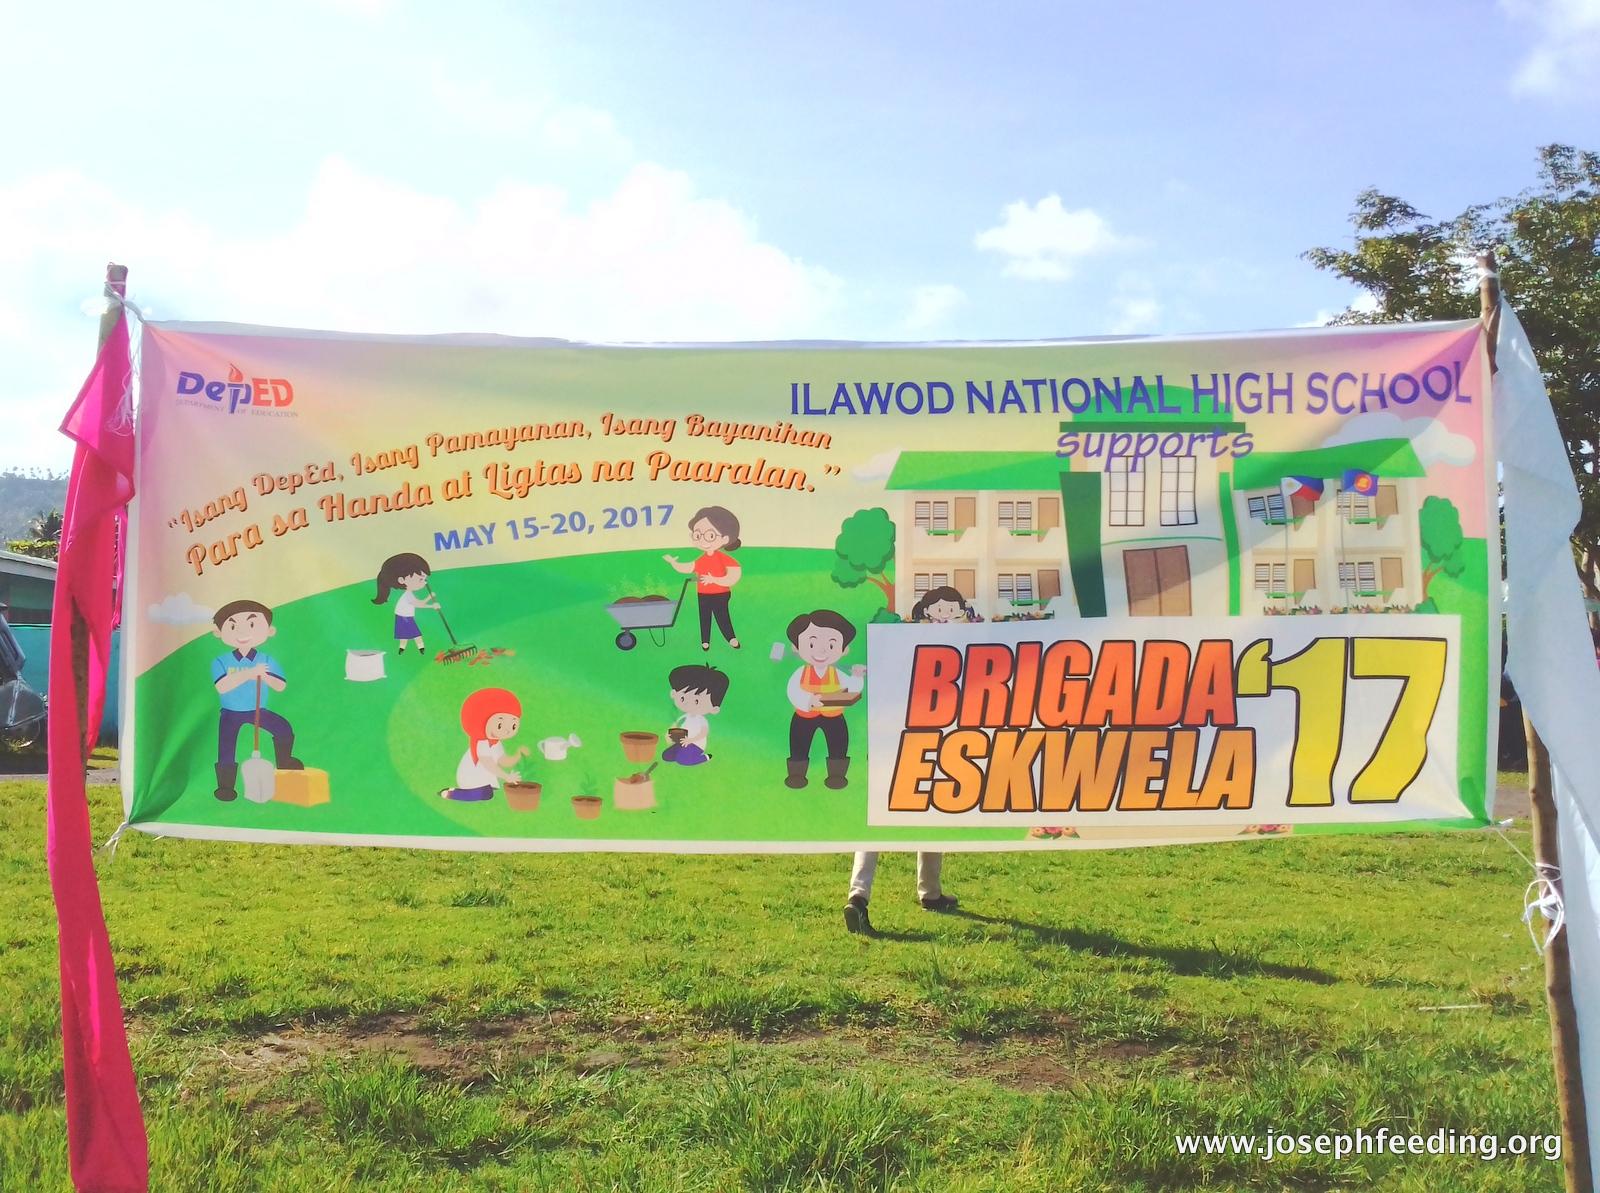 http://josephfeeding.org/public-schools/brigada-eskwela-2017-ilawod-national-high-school/